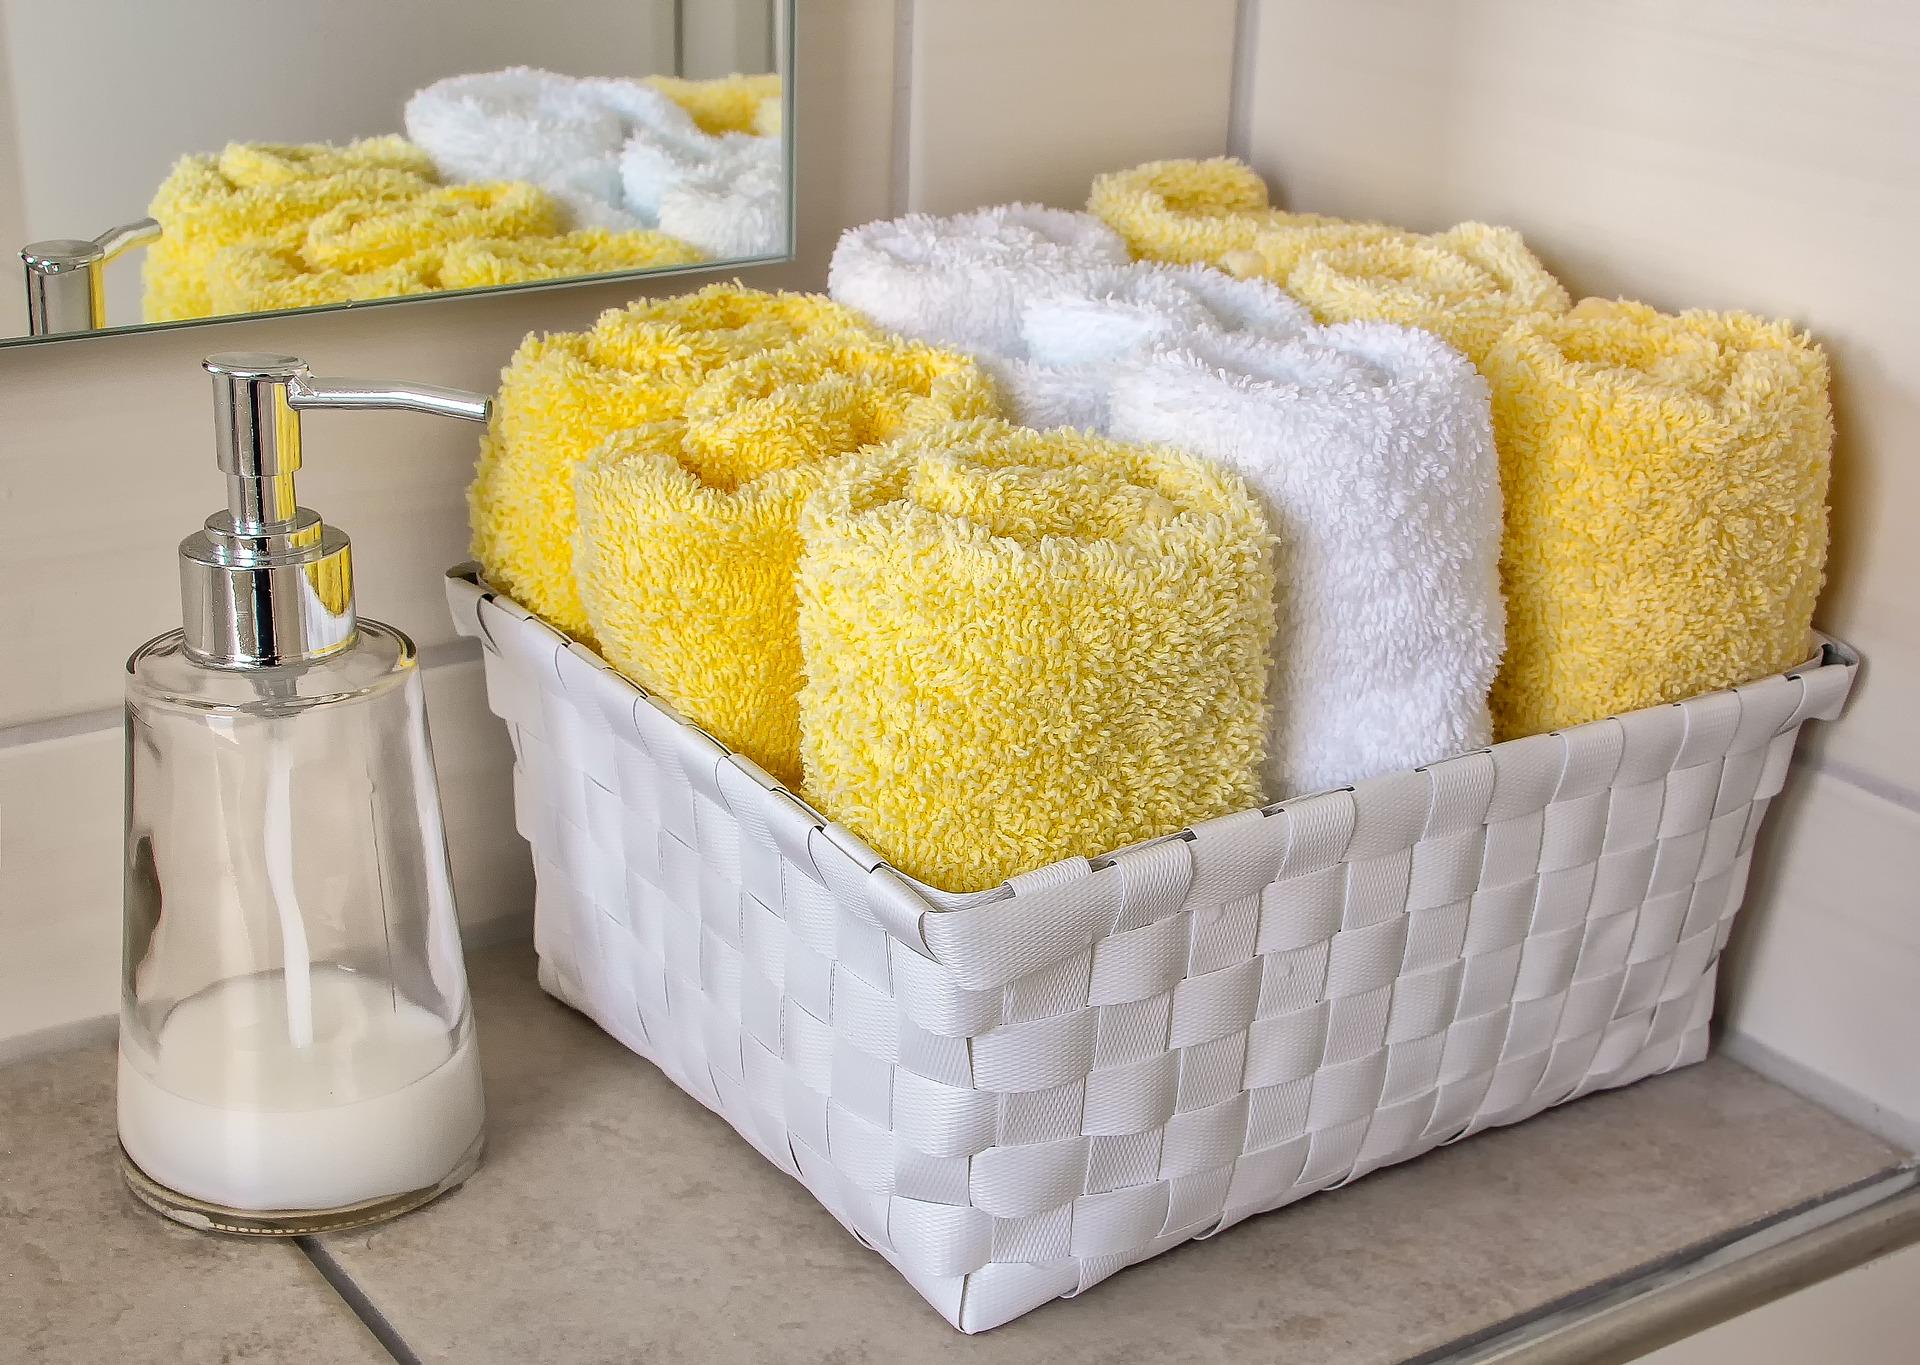 da imagem destacada: Dispensador de sabonete líquido e kit de toalhas coloridas na pia do banheiro.